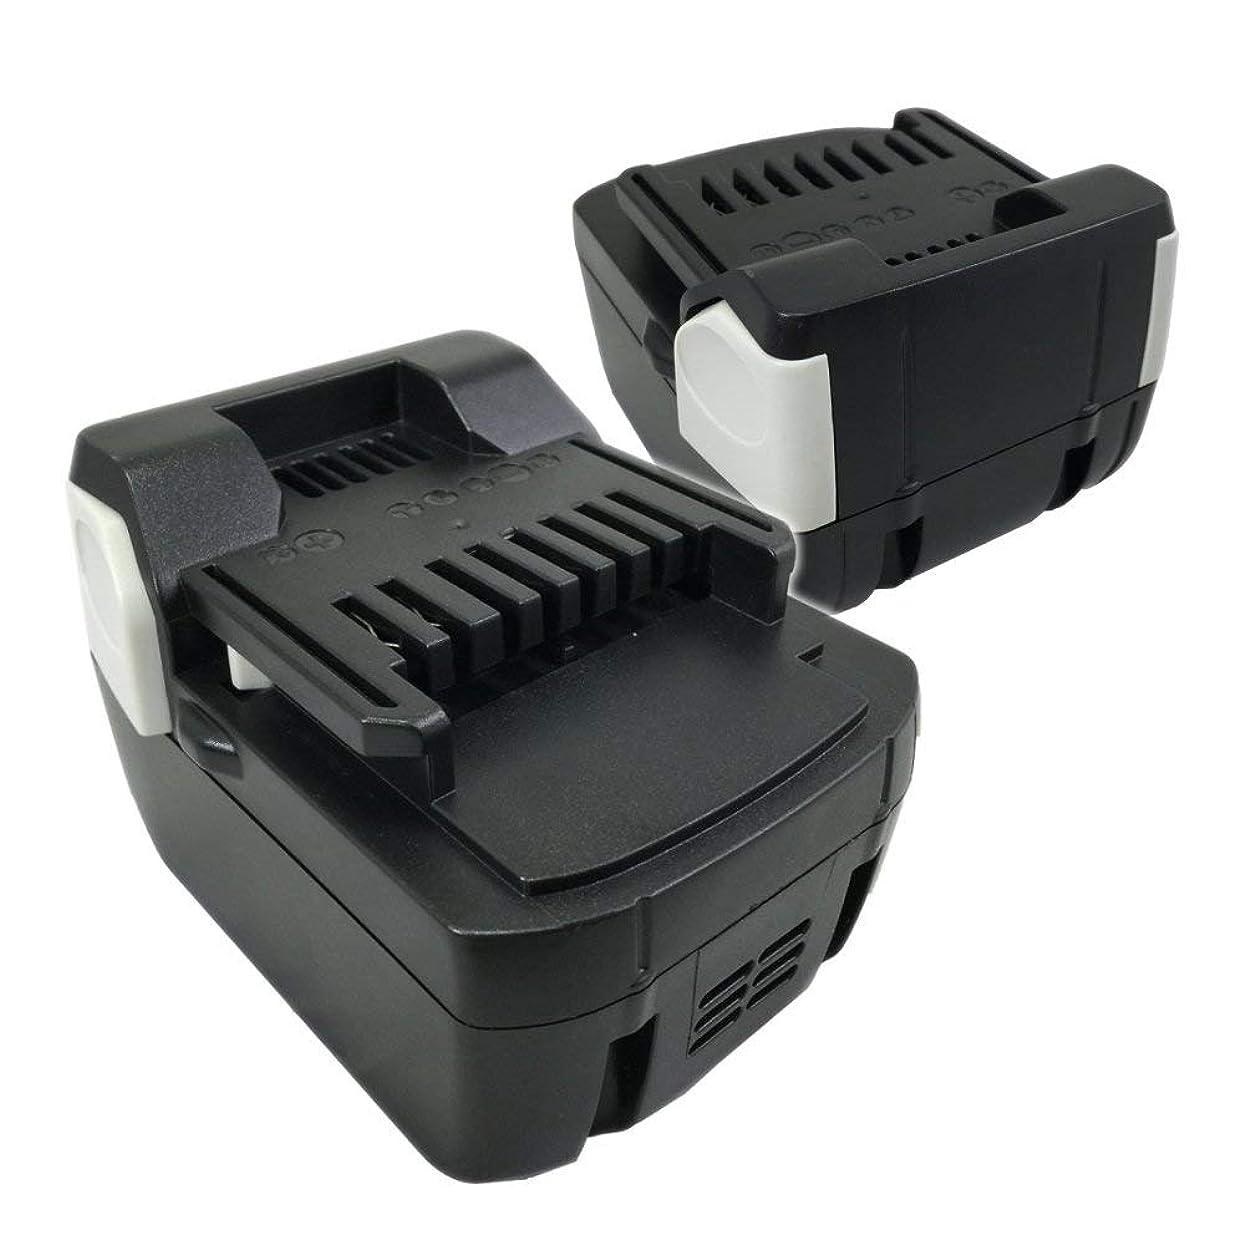 宮殿モデレータイースター2個セット 日立工機 Hitachi BSL1430 互換バッテリー 14.4V 3000mAh BSL1440 BSL1450 BSL1460 互換品